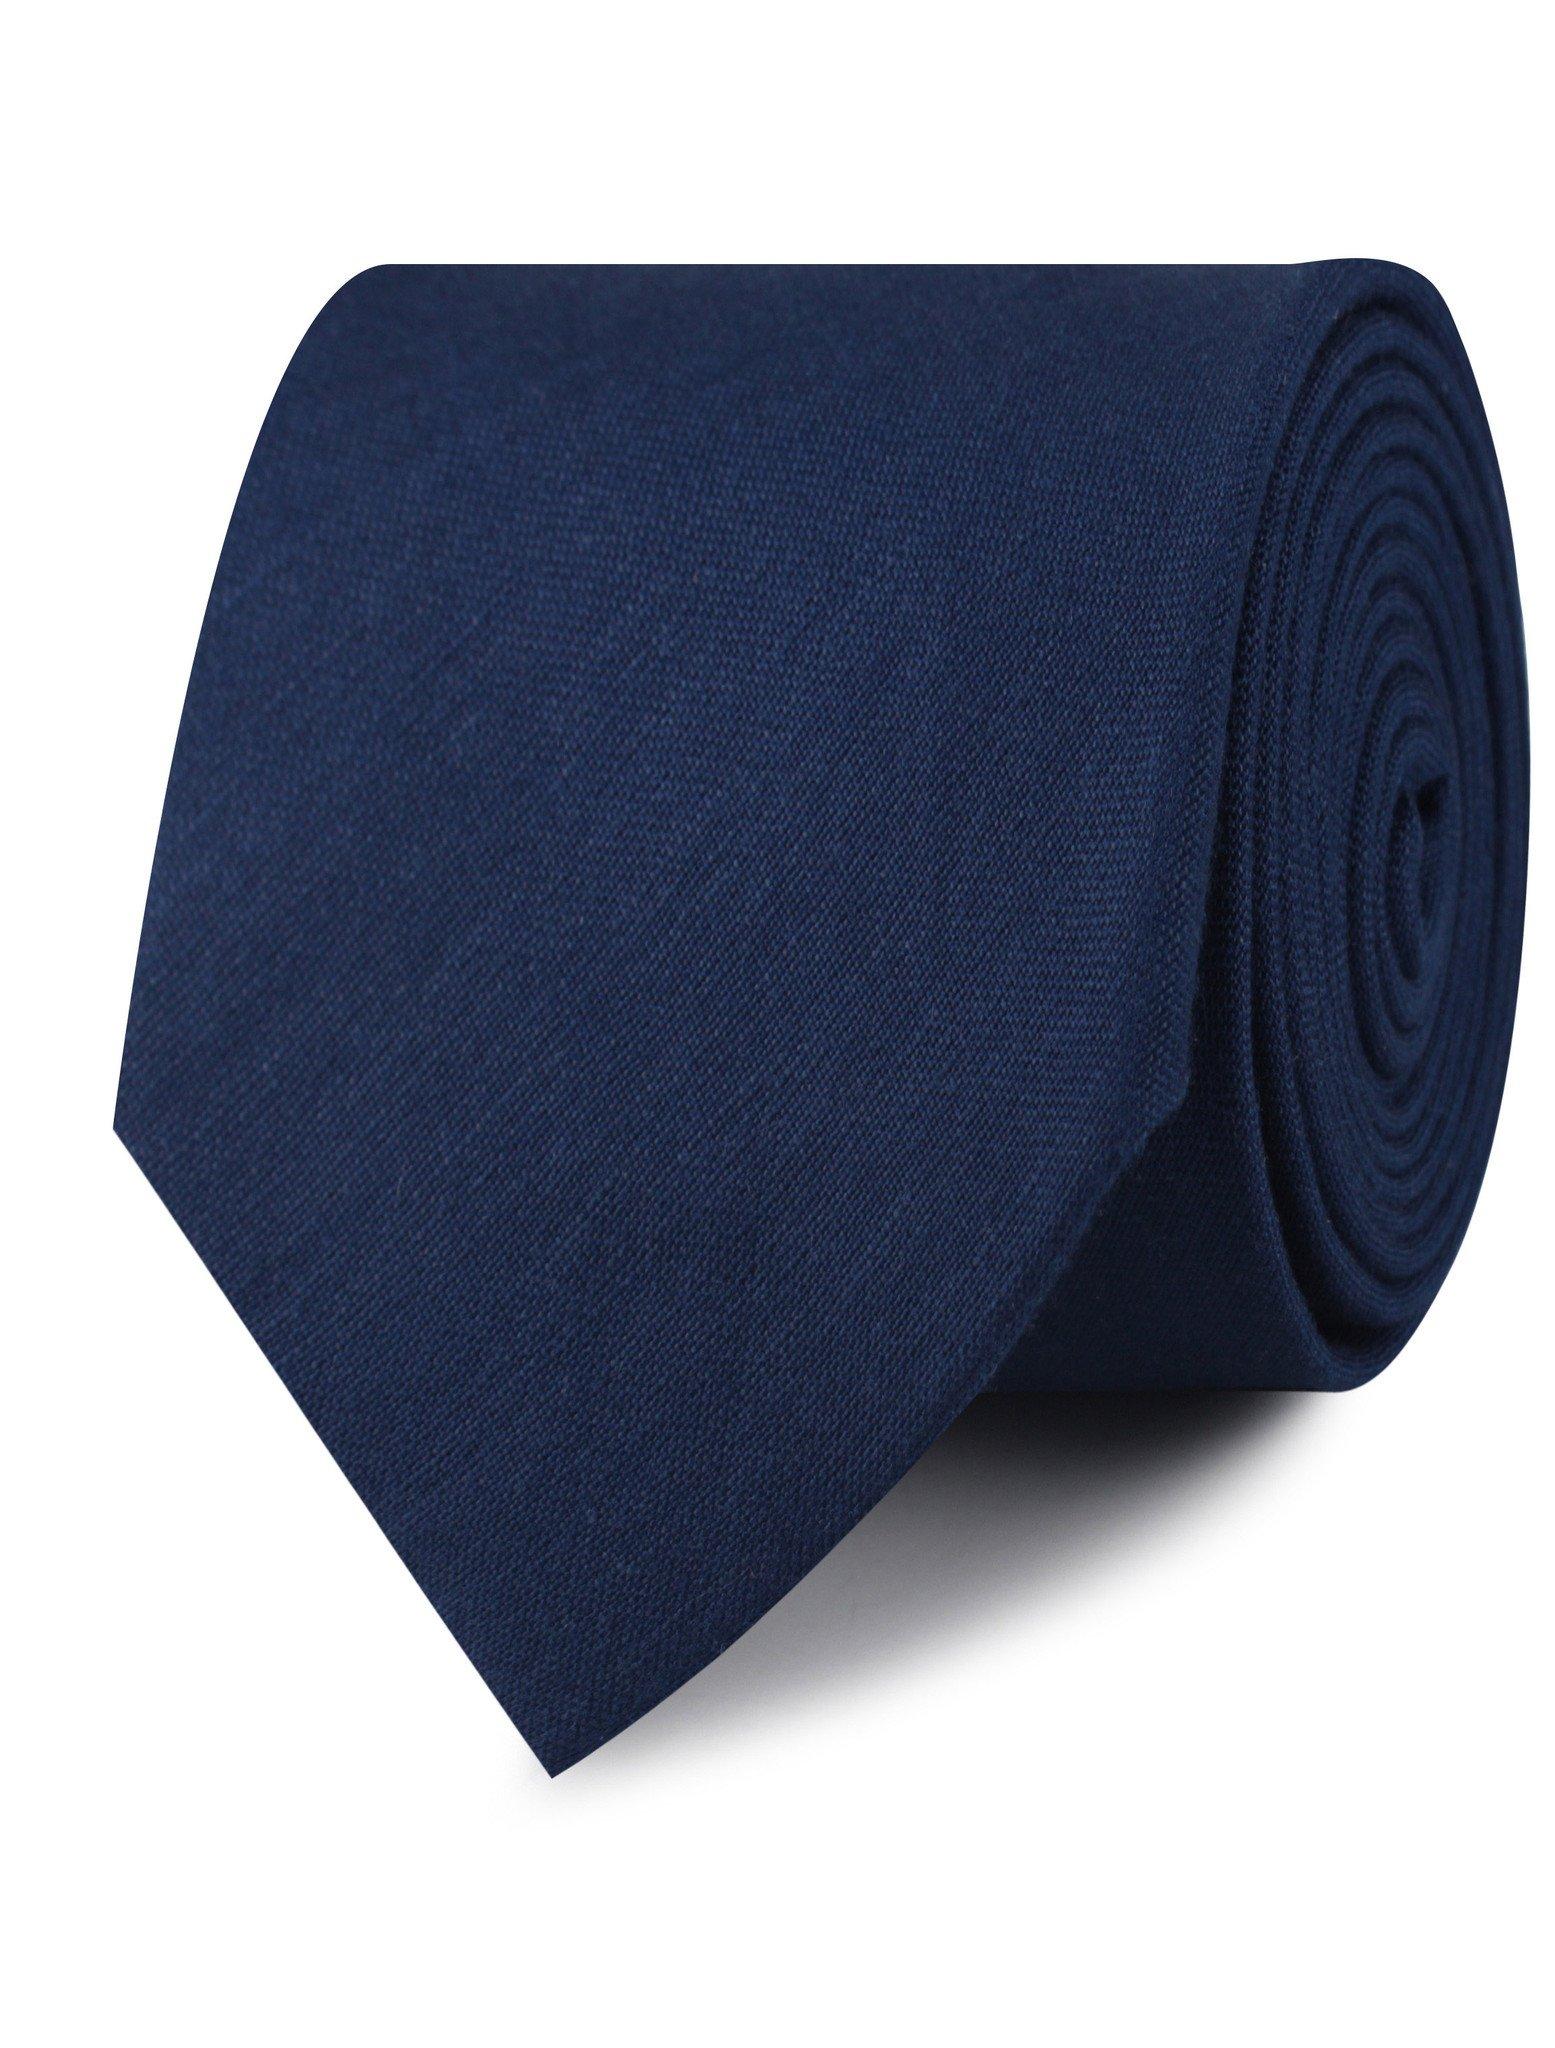 InStitchu Accessories tie  OTAA Jeune Fille Endormie Navy Linen Tie